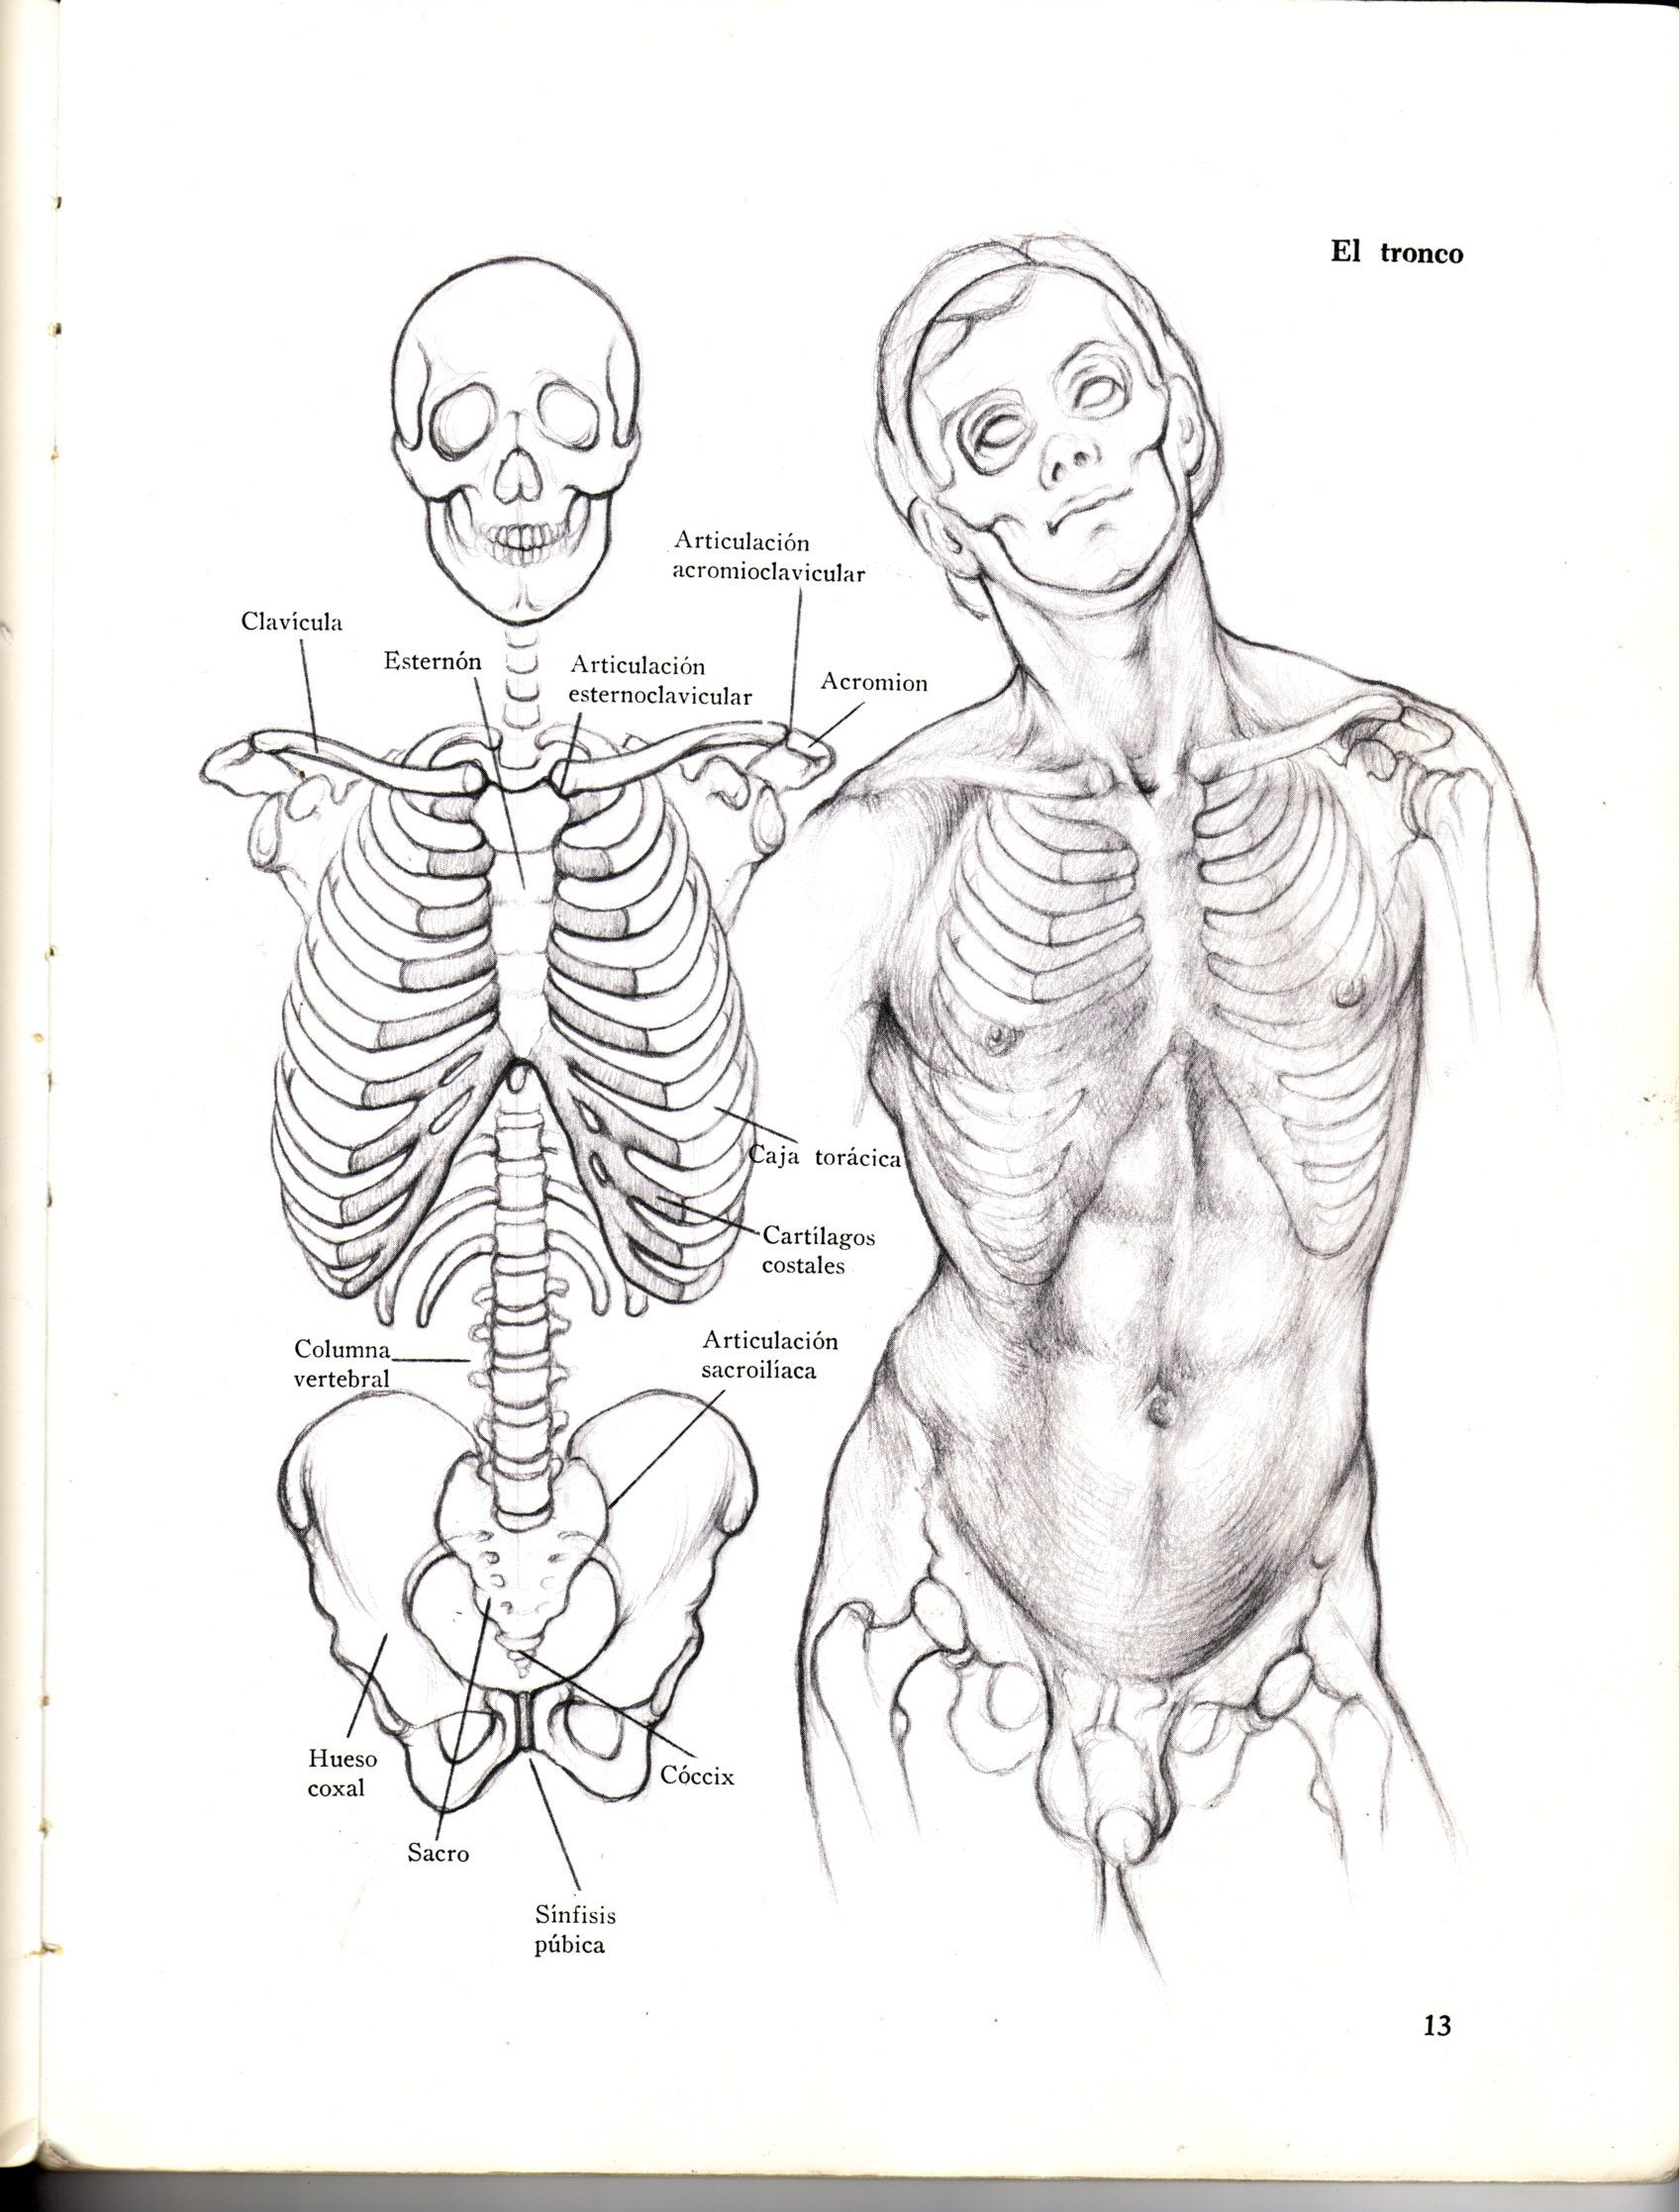 Wunderbar Beckenlymphknoten Galerie - Menschliche Anatomie Bilder ...